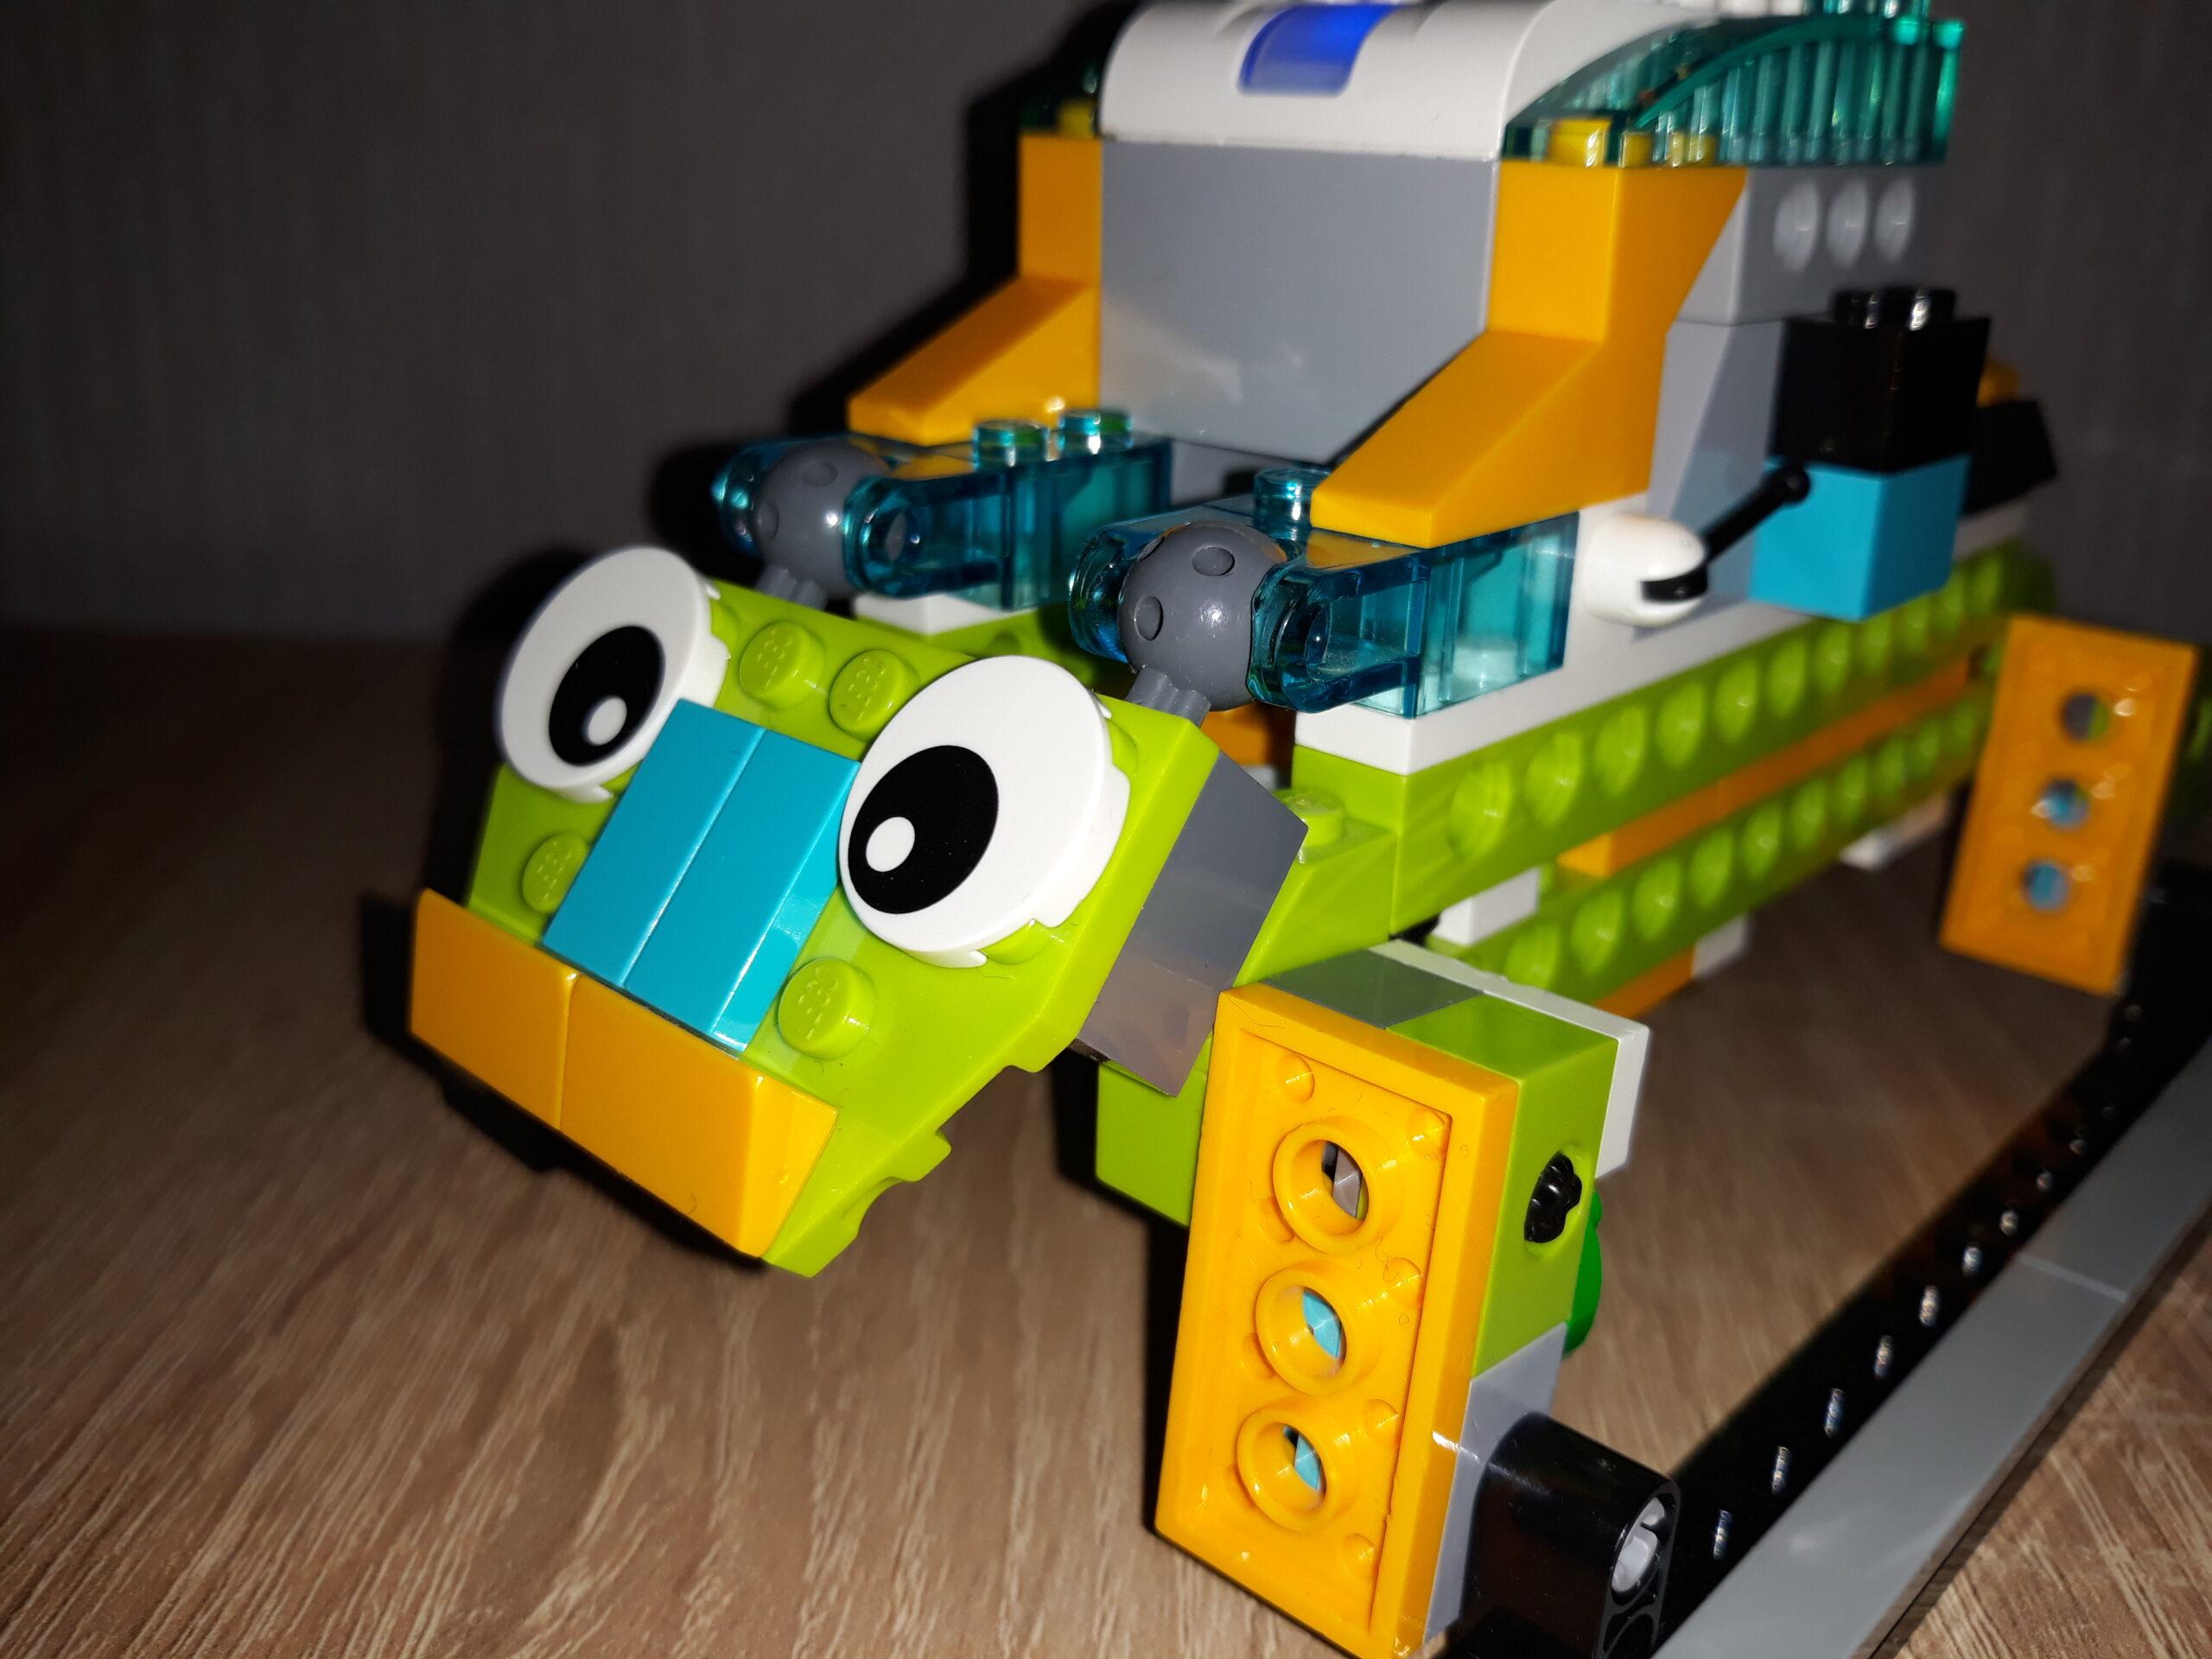 Инструкция по сборке из набора LEGO Education WeDo 2.0 Жук 2